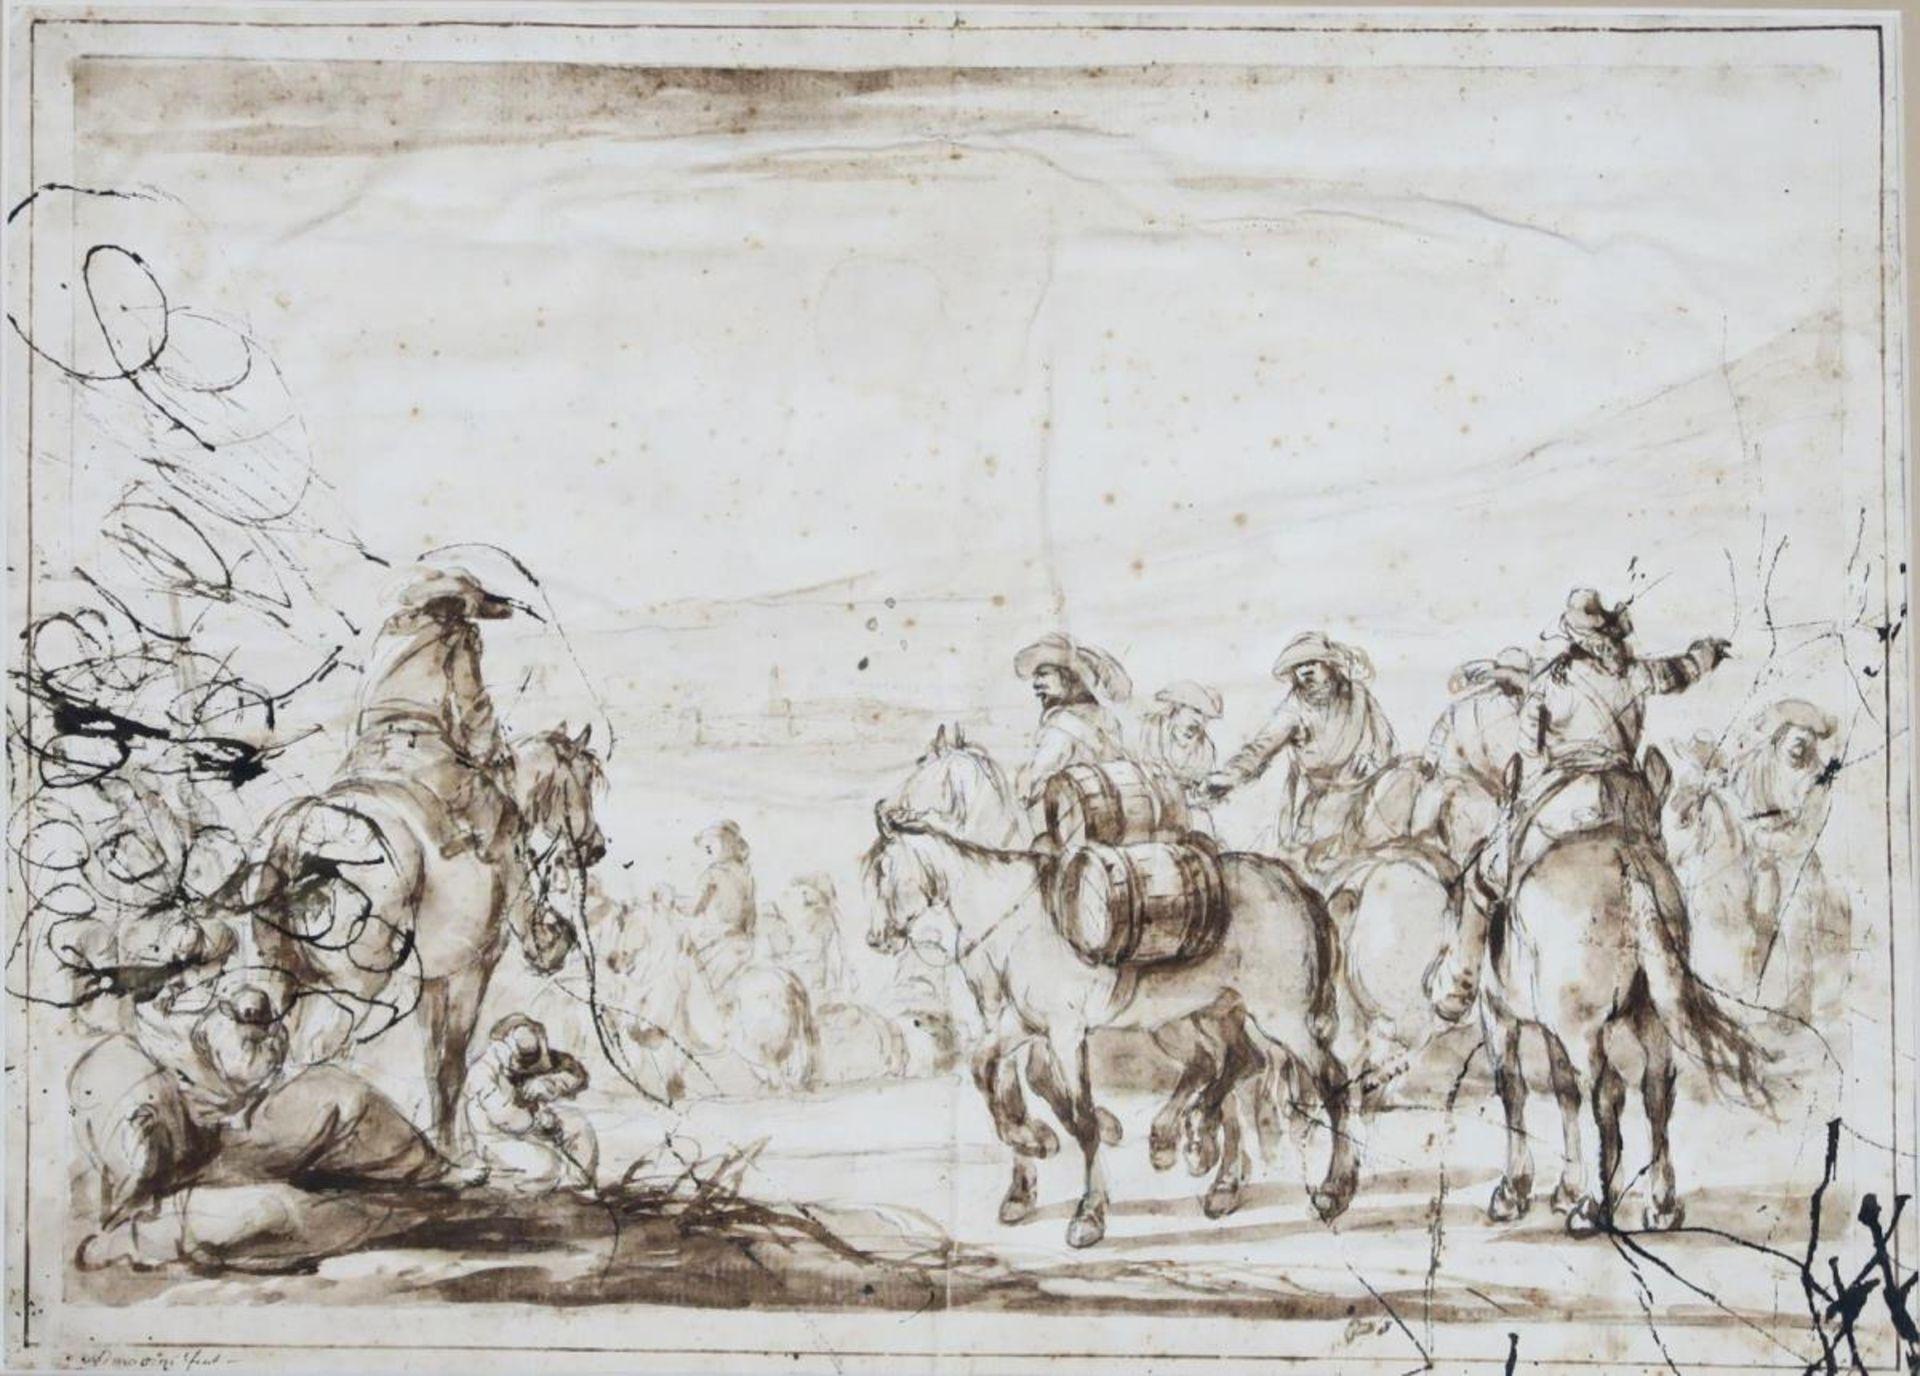 Reiter vor dem Aufbruch - Bild 2 aus 3